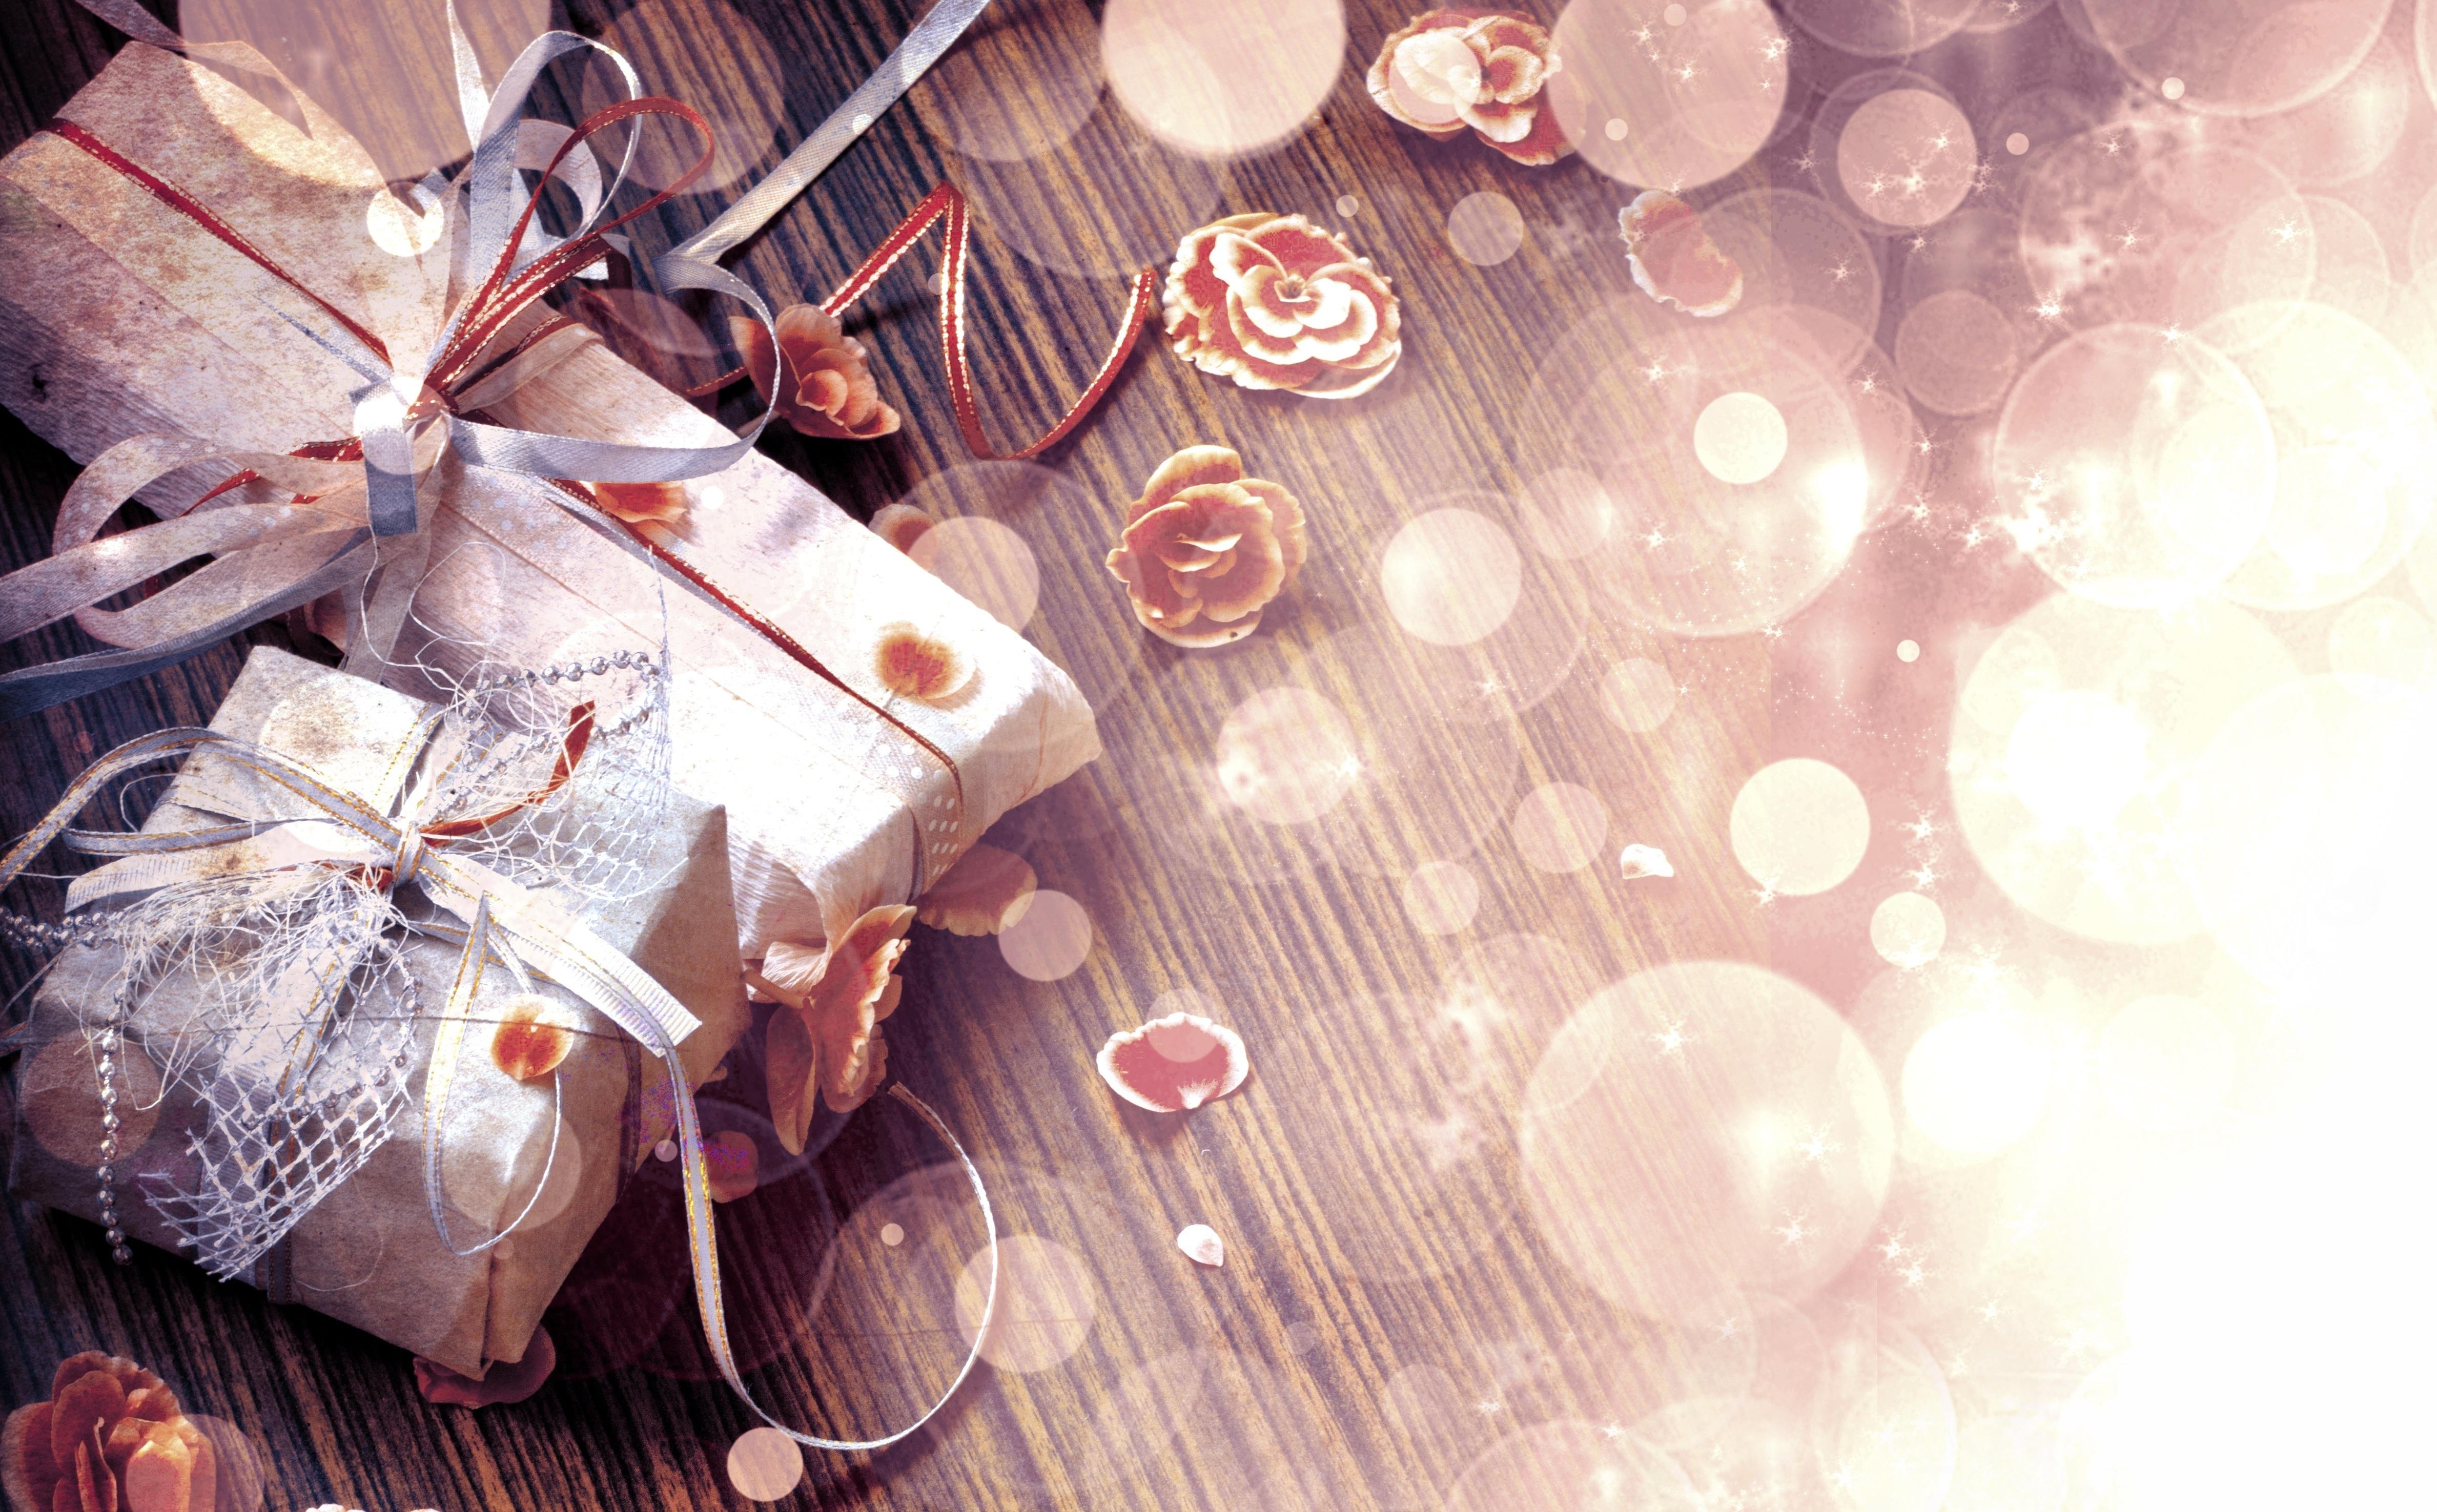 http://www.nastol.com.ua/images/201307/nastol.com.ua_53393.jpg